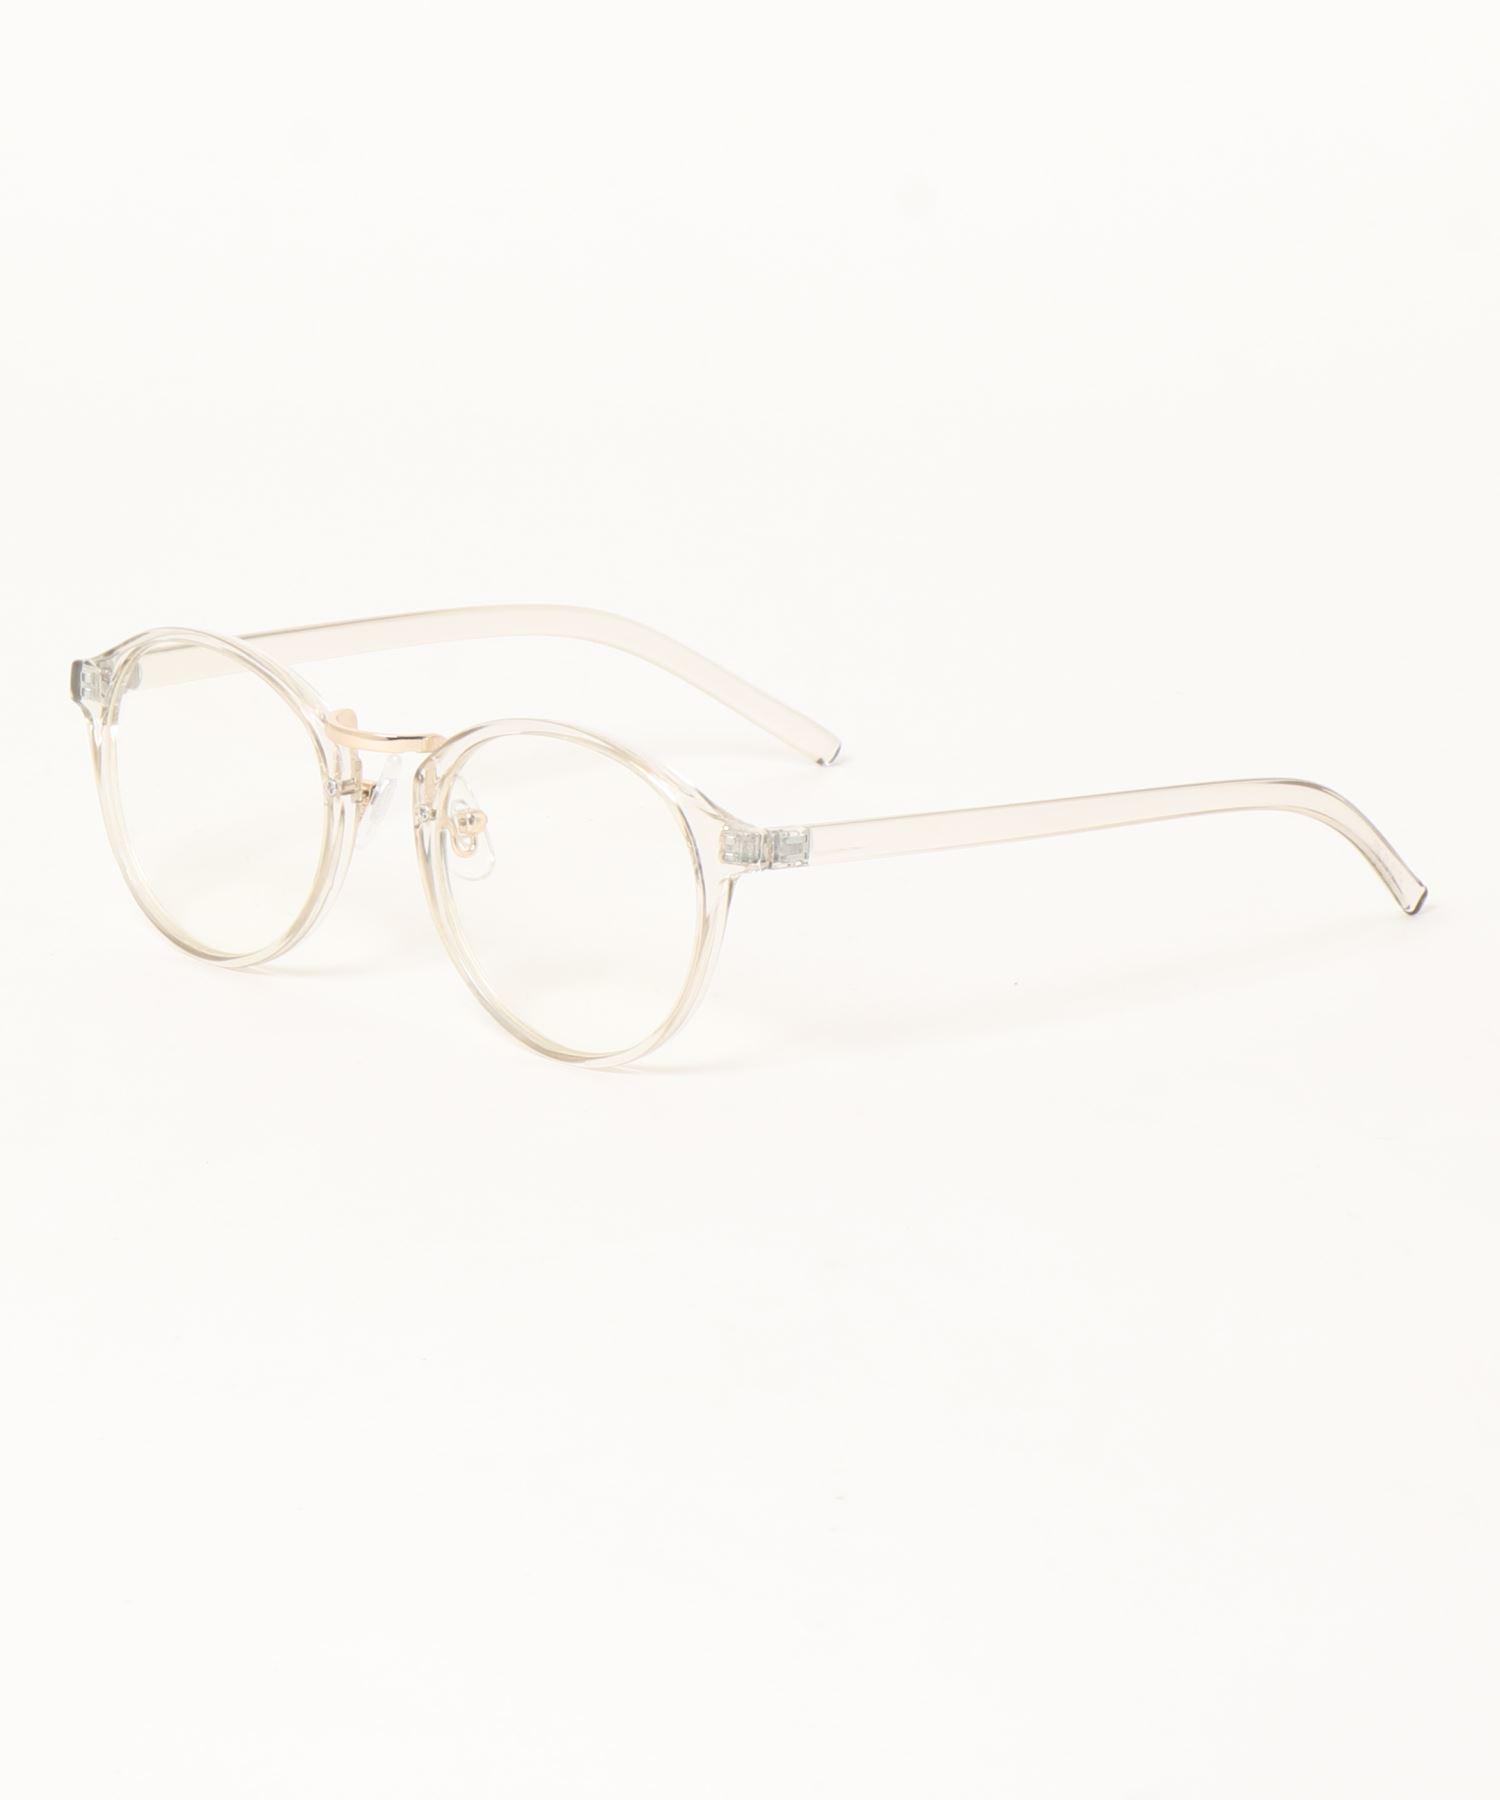 ボストン型伊達眼鏡 H7108 SPI